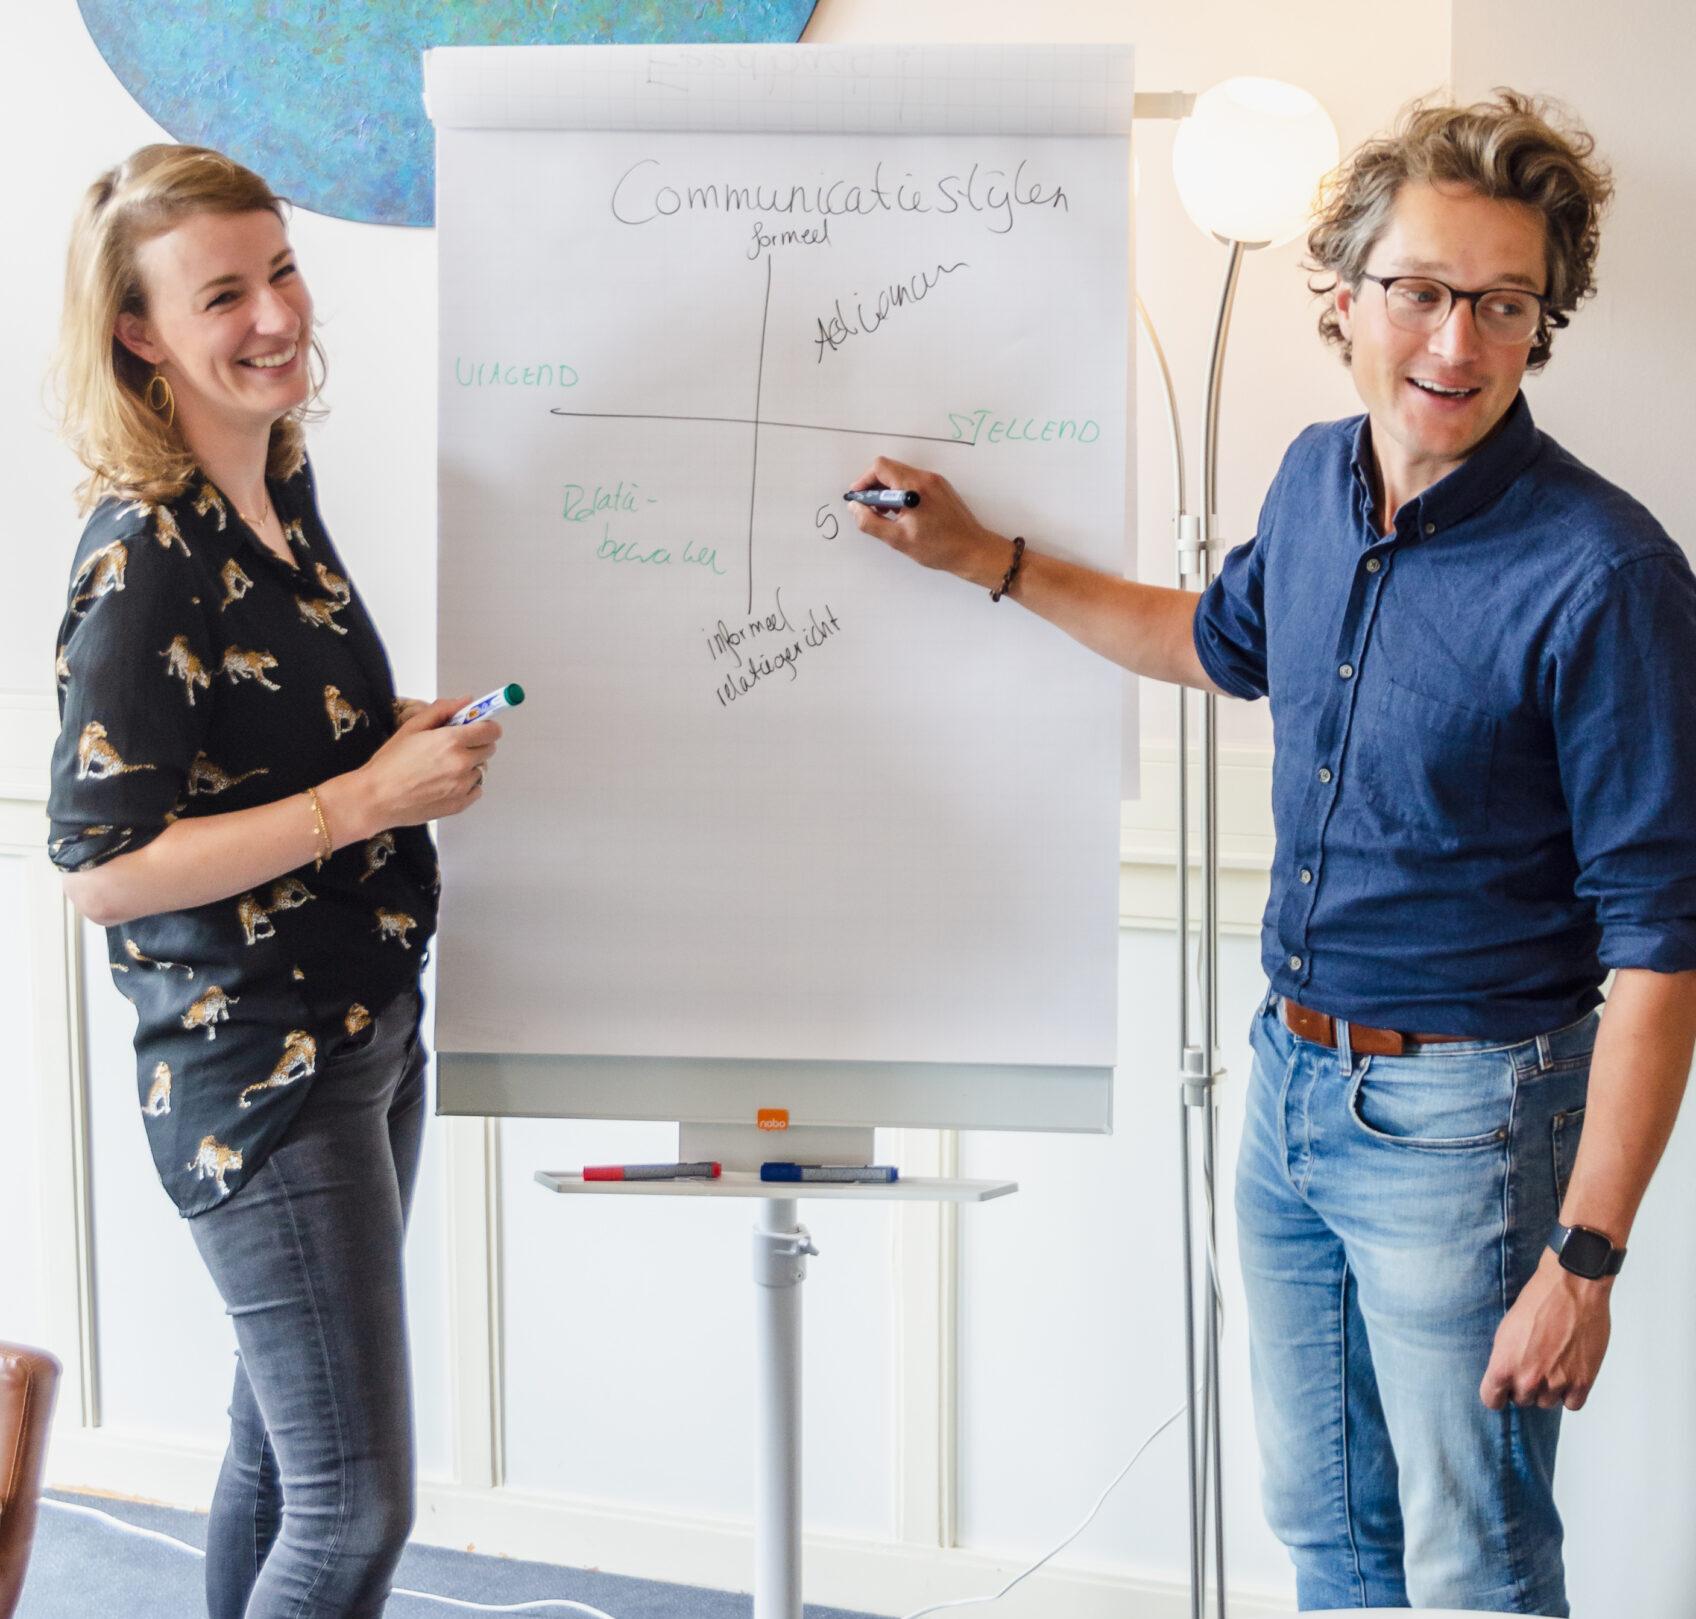 Trainers Sander van der Horst en Joline Wortelboer